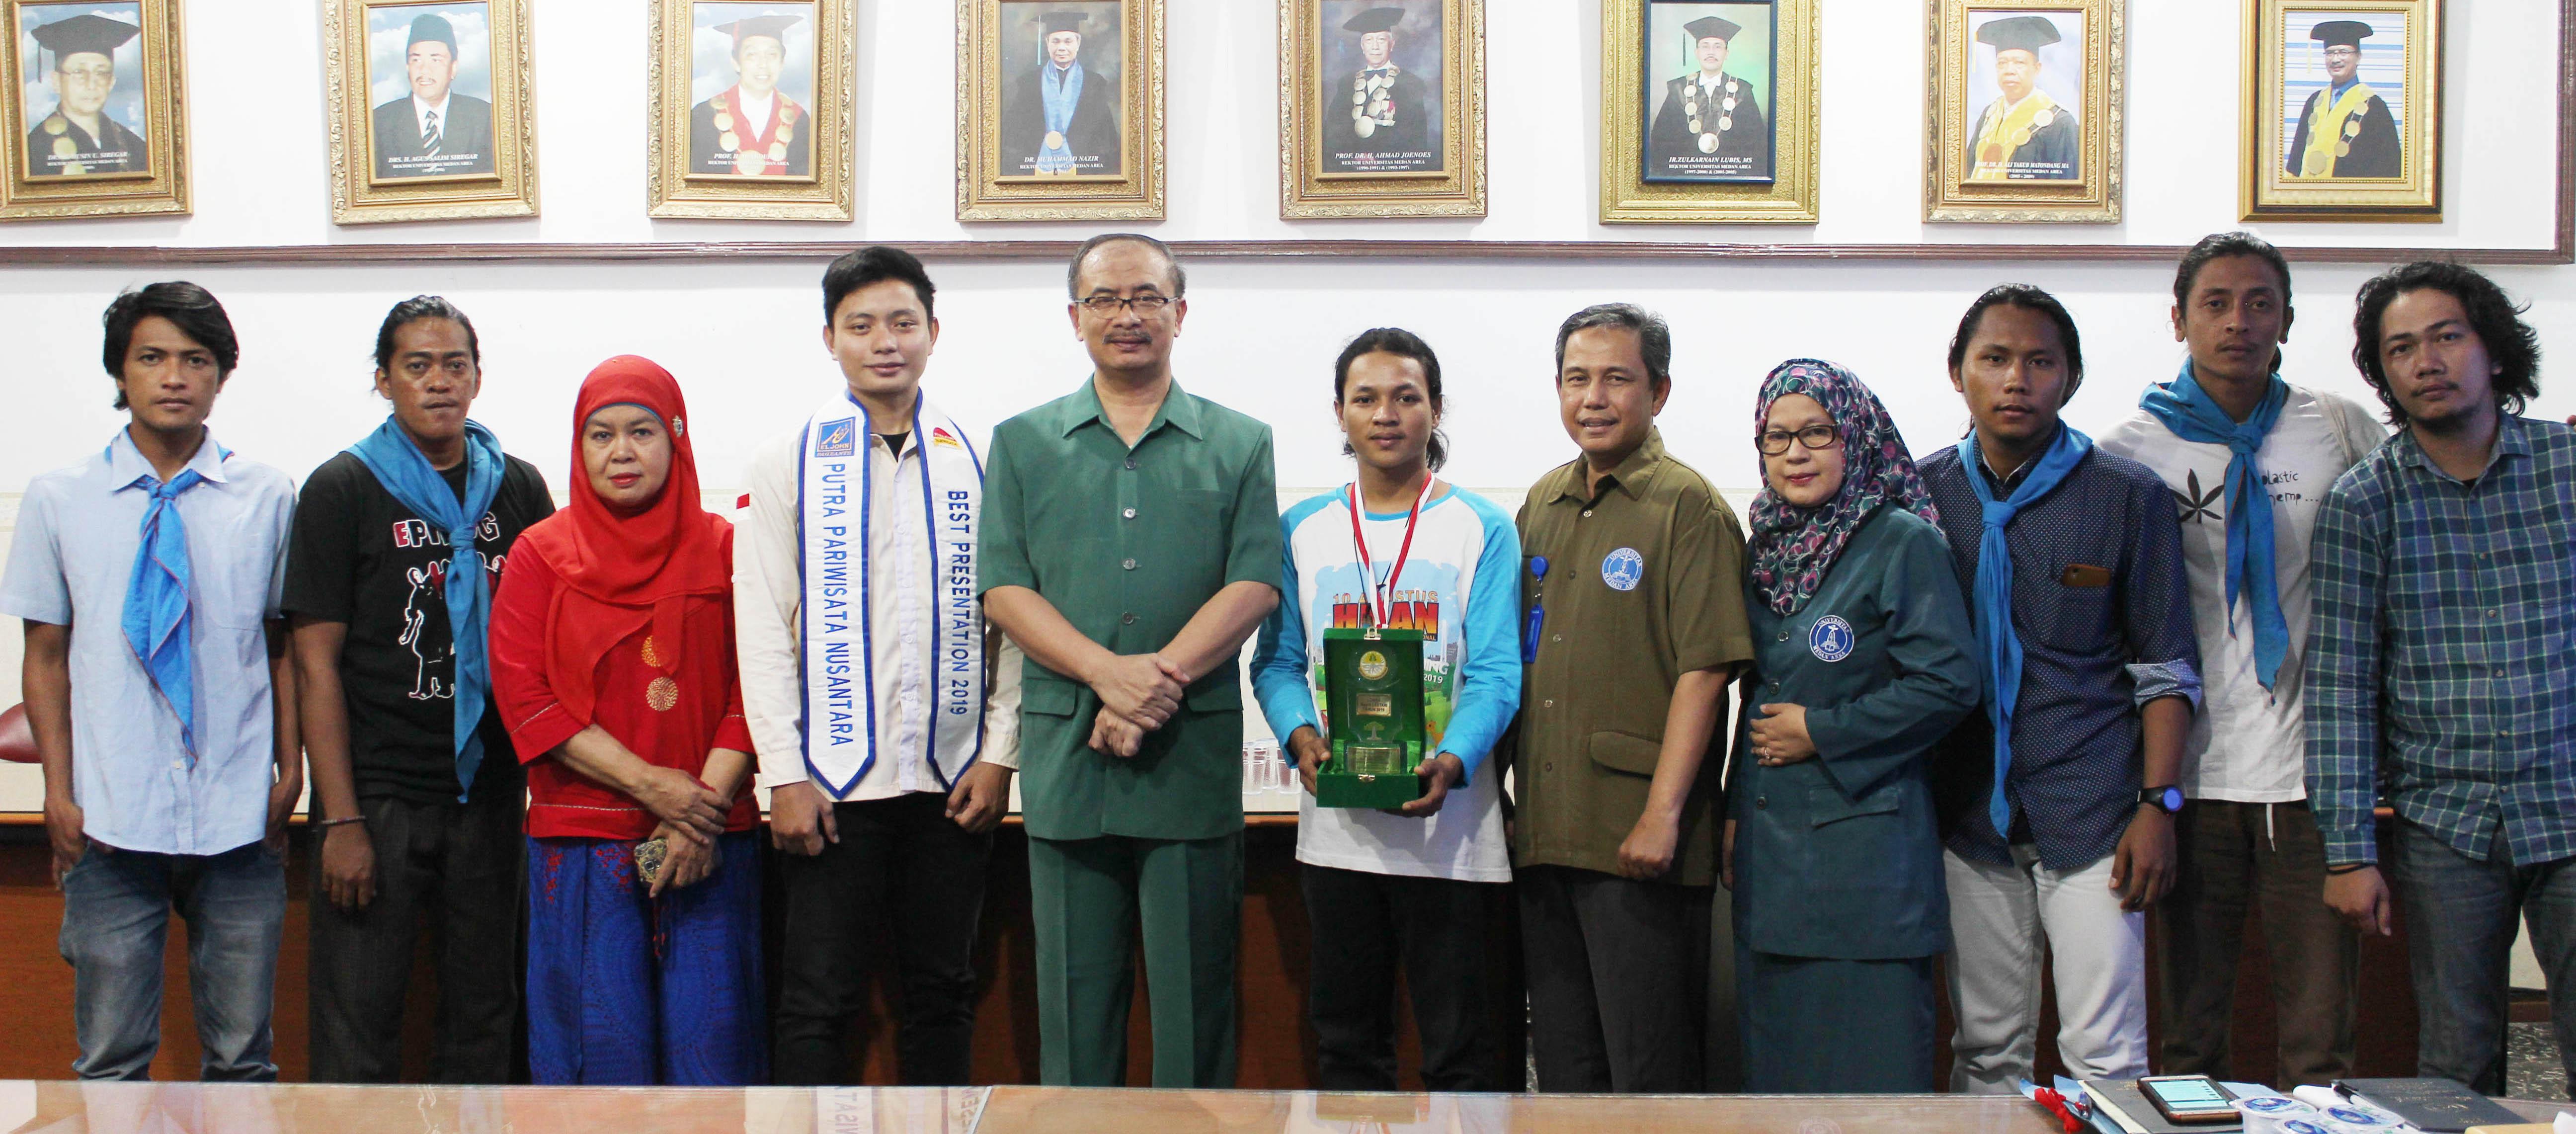 foto-bersama-mahasiswa-uma-berprestasi-diruang-rapat-rektor.JPG